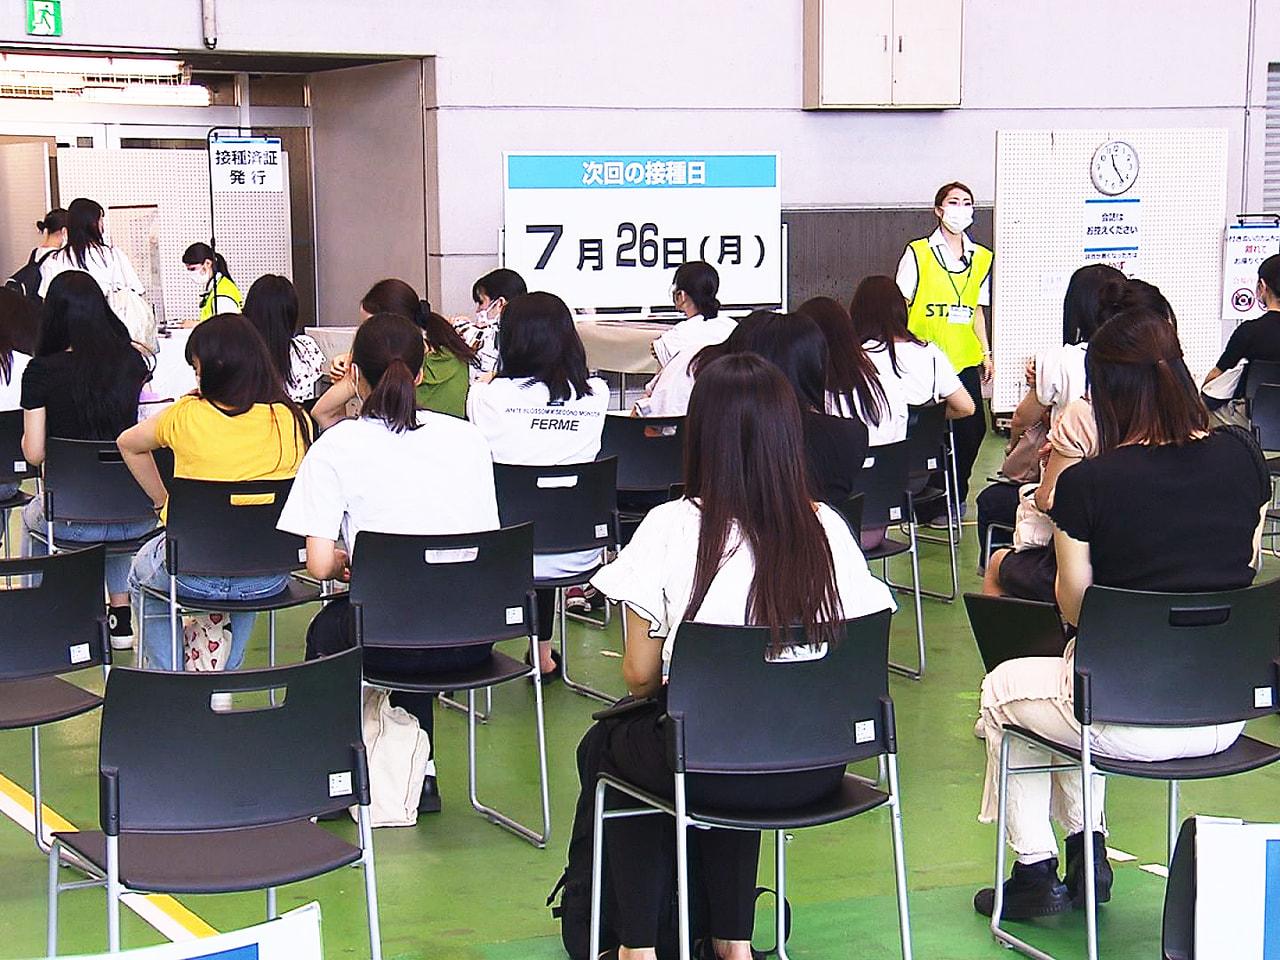 岐阜県で28日、医療機関などでの実習を控えた医療系の学生を対象にした新型コロナウ...